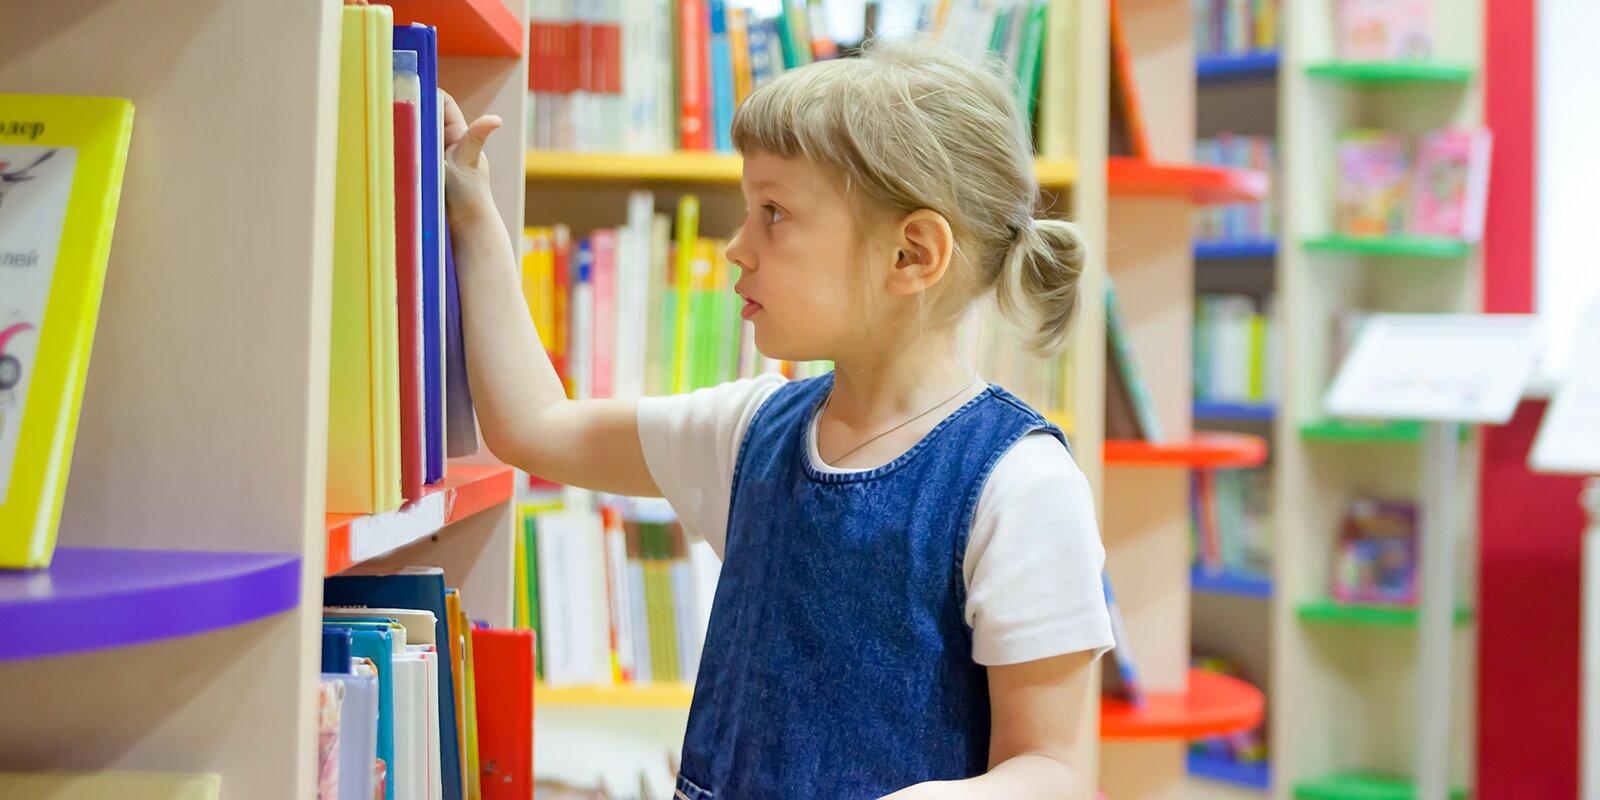 Царь Колбаска и спойлеры. Шесть детских книг современных авторов